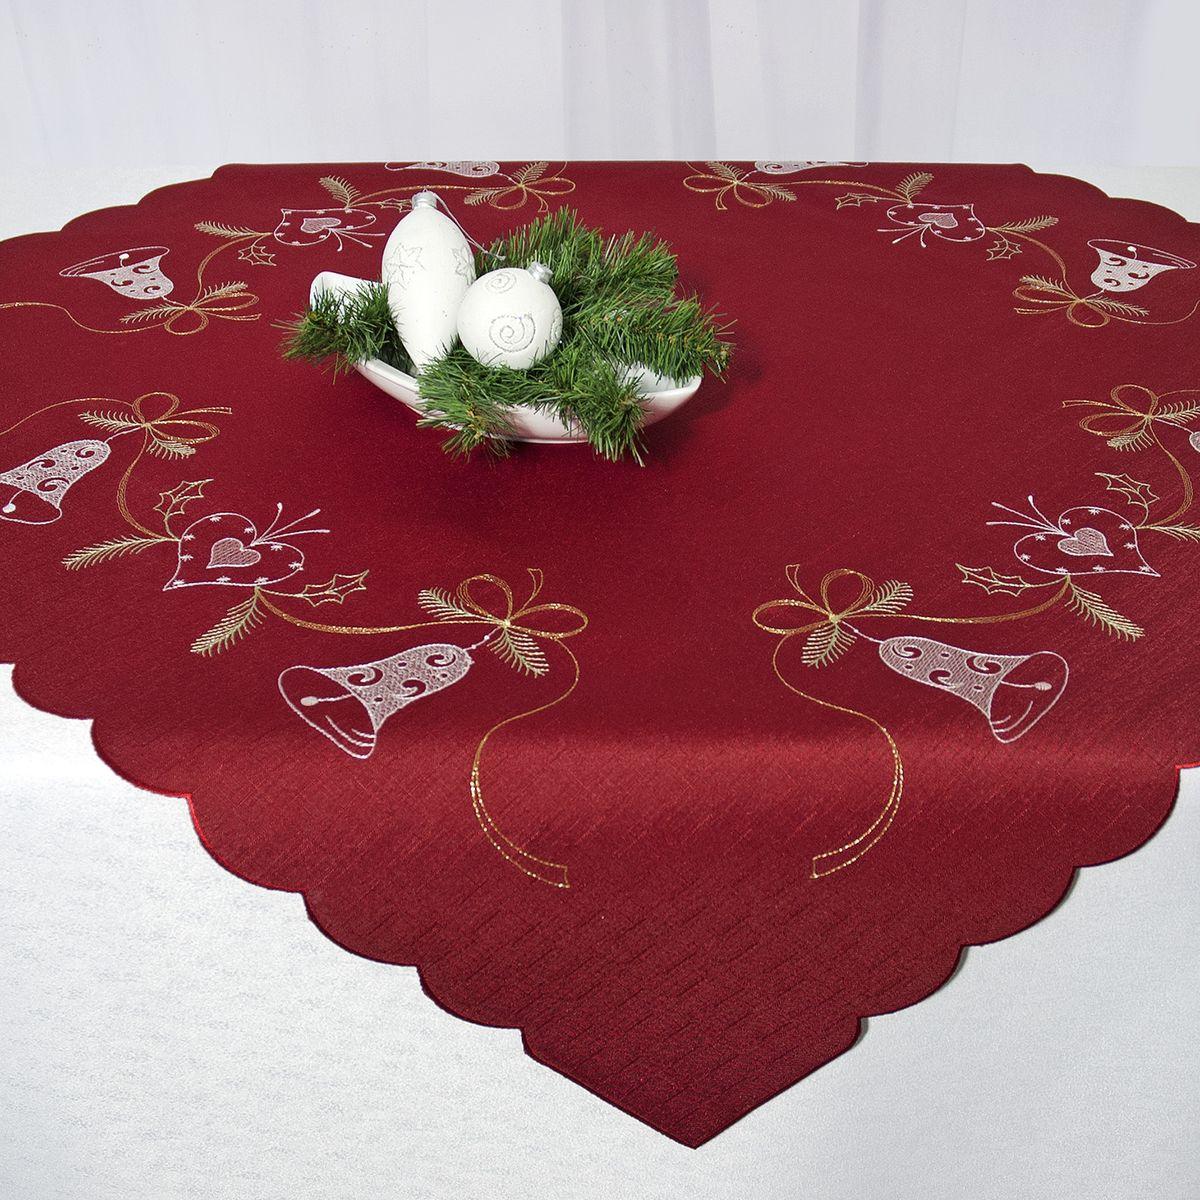 Скатерть Schaefer, квадратная, цвет: бордовый, 85 x 85 см 07666-10007666-100Квадратная скатерть Schaefer, выполненная из полиэстера, станет украшением новогоднего стола. Изделие декорировано красивой вышивкой в виде колокольчиков и сердечек. За текстилем из полиэстера очень легко ухаживать: он легко стирается, не мнется, не садится и быстро сохнет, более долговечен, чем текстиль из натуральных волокон. Использование такой скатерти сделает застолье торжественным, поднимет настроение гостей и приятно удивит их вашим изысканным вкусом. Это текстильное изделие станет украшением вашего дома!